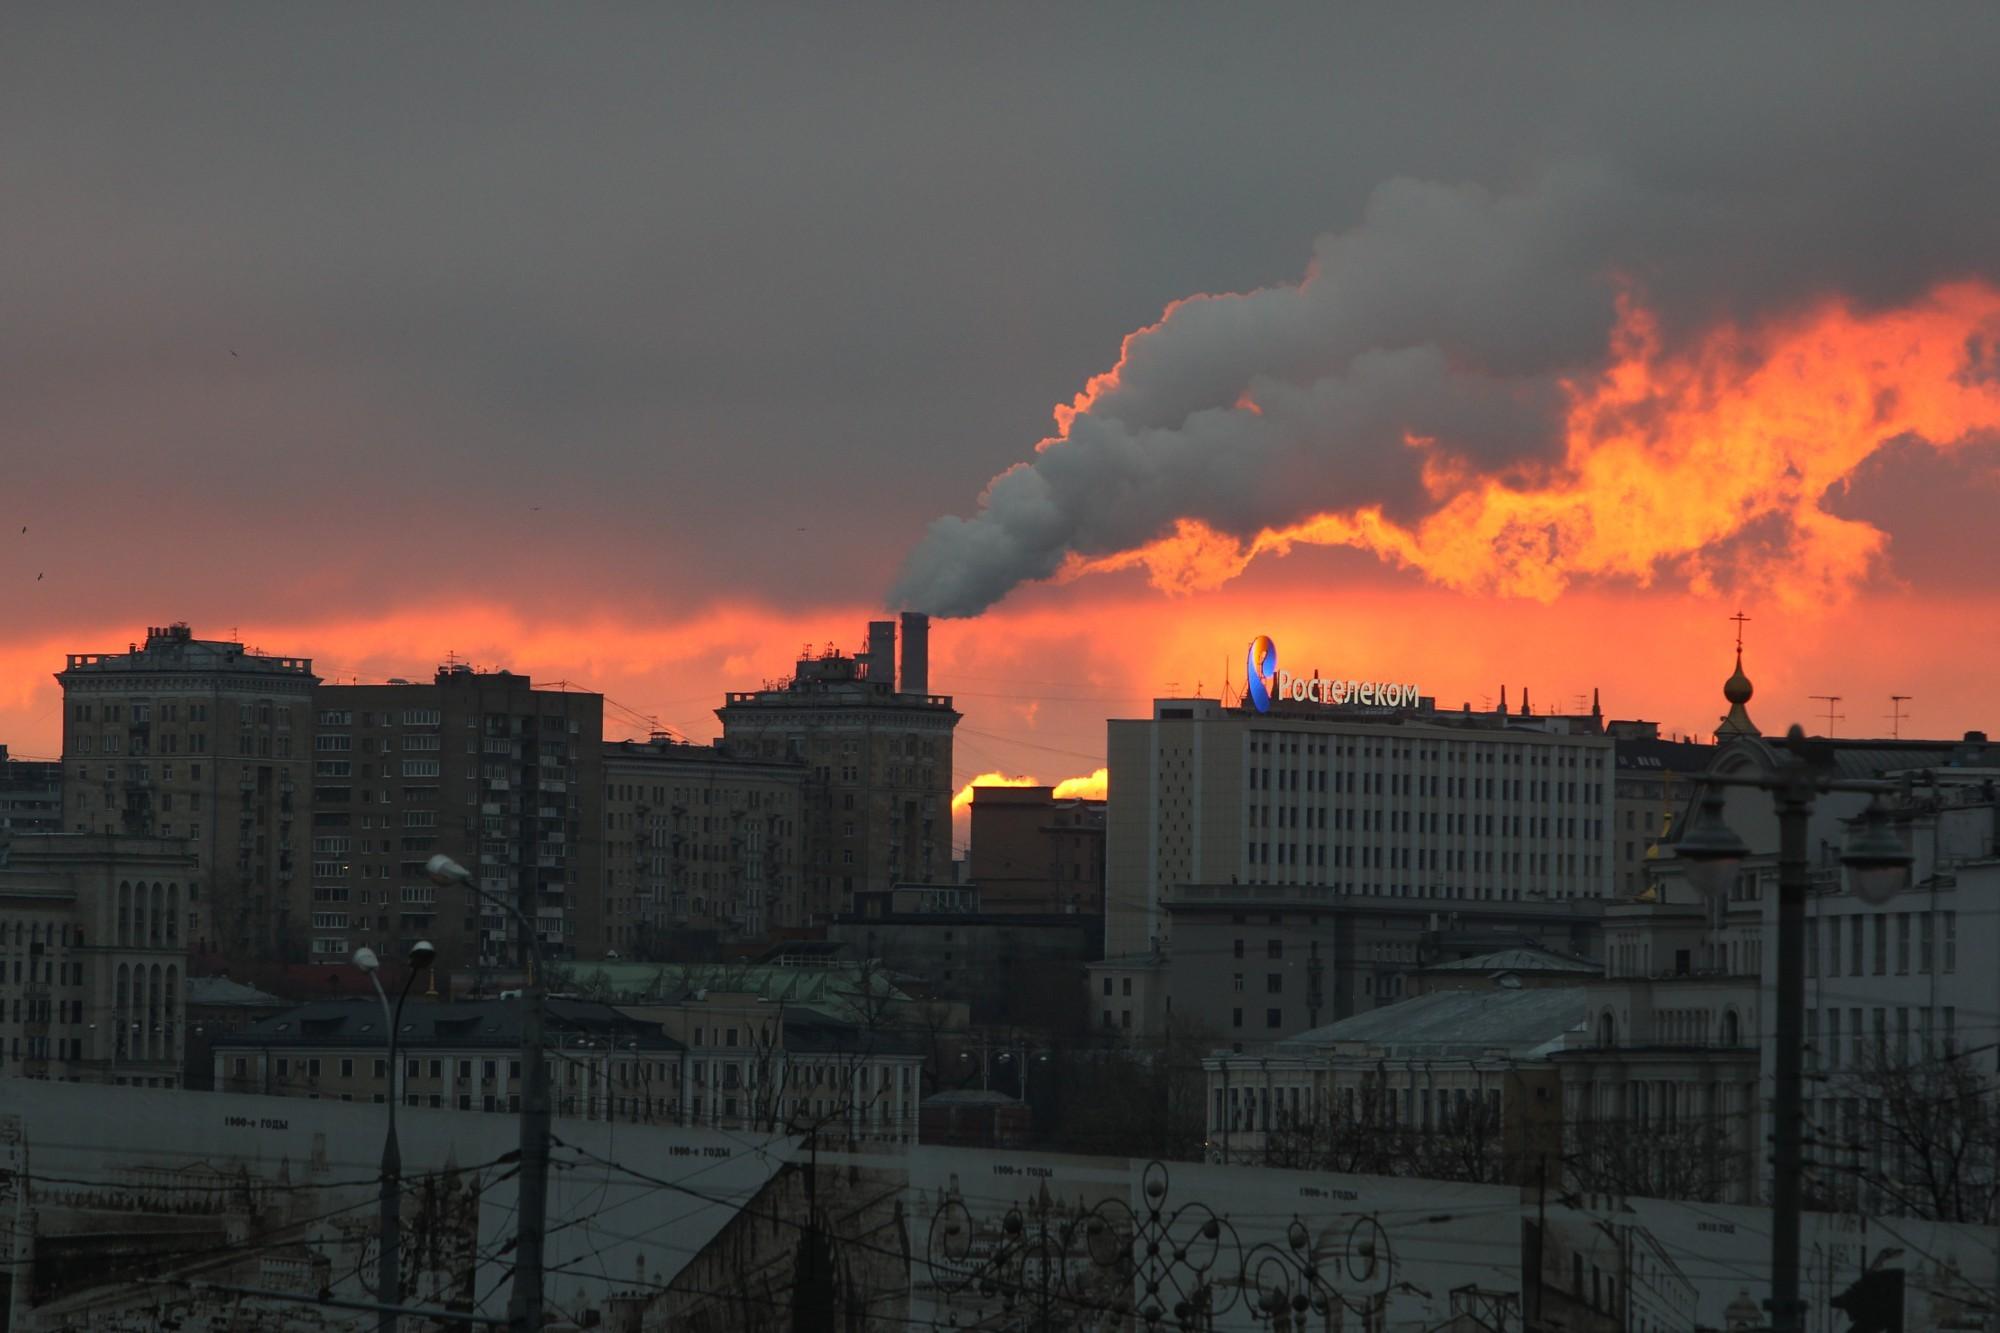 дым выбросы эмиссия промышленность